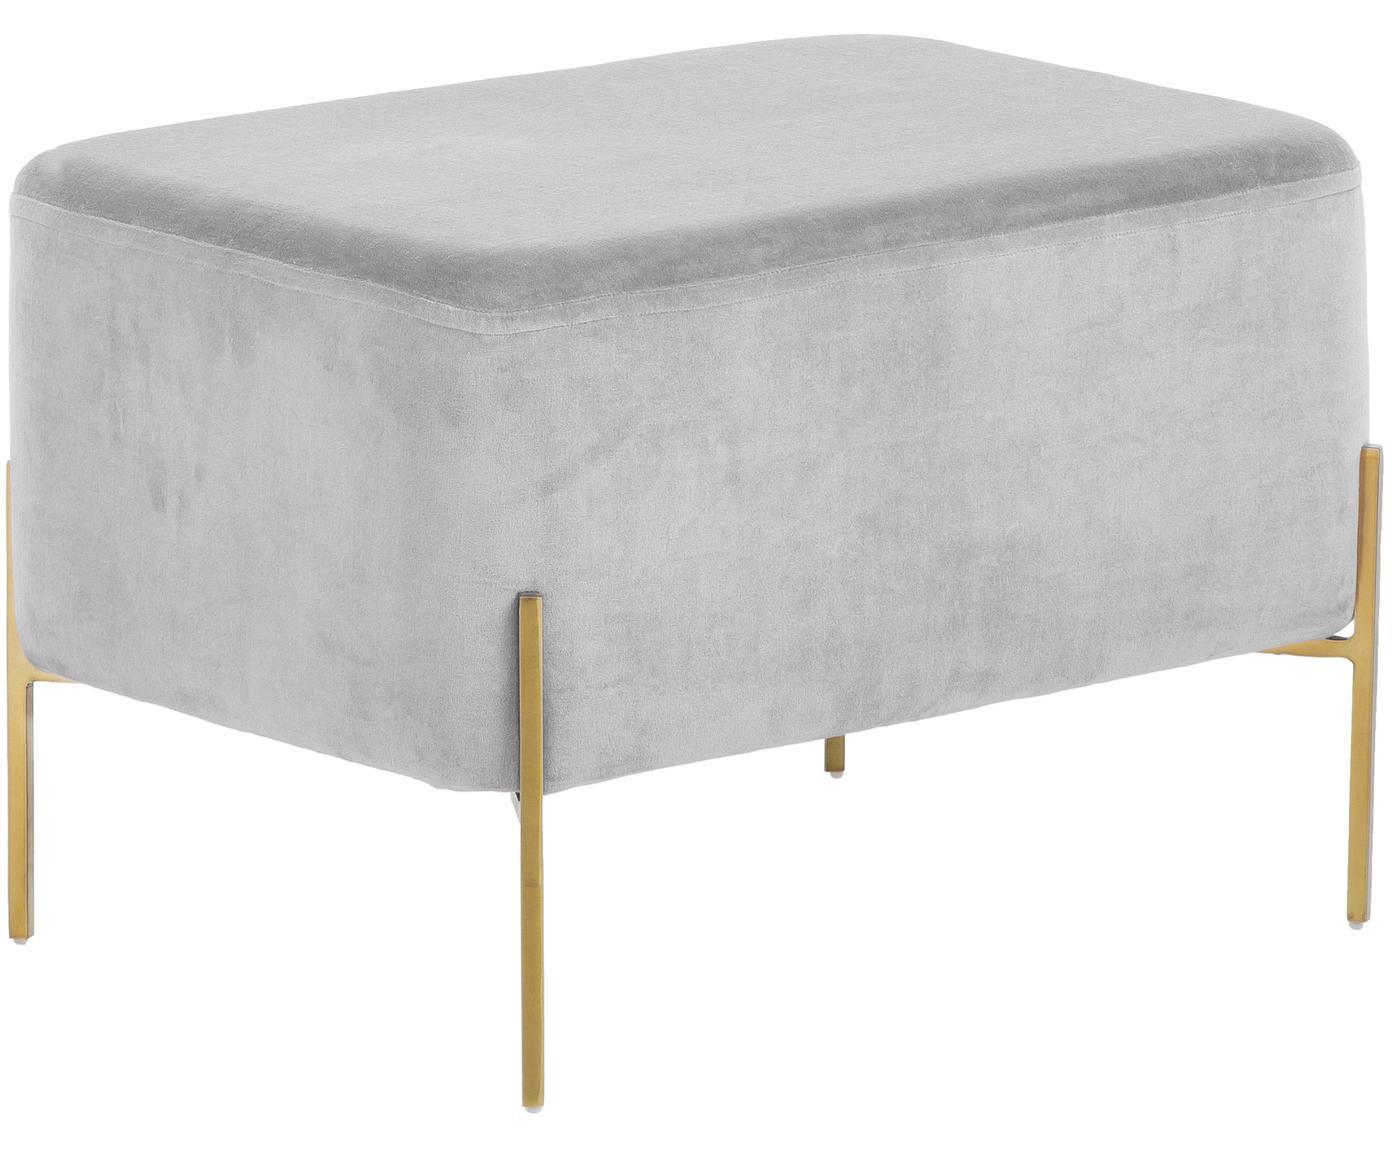 Puf z aksamitu XL Harper, Tapicerka: aksamit bawełniany, Jasny szary, odcienie złotego, S 64 x W 44 cm